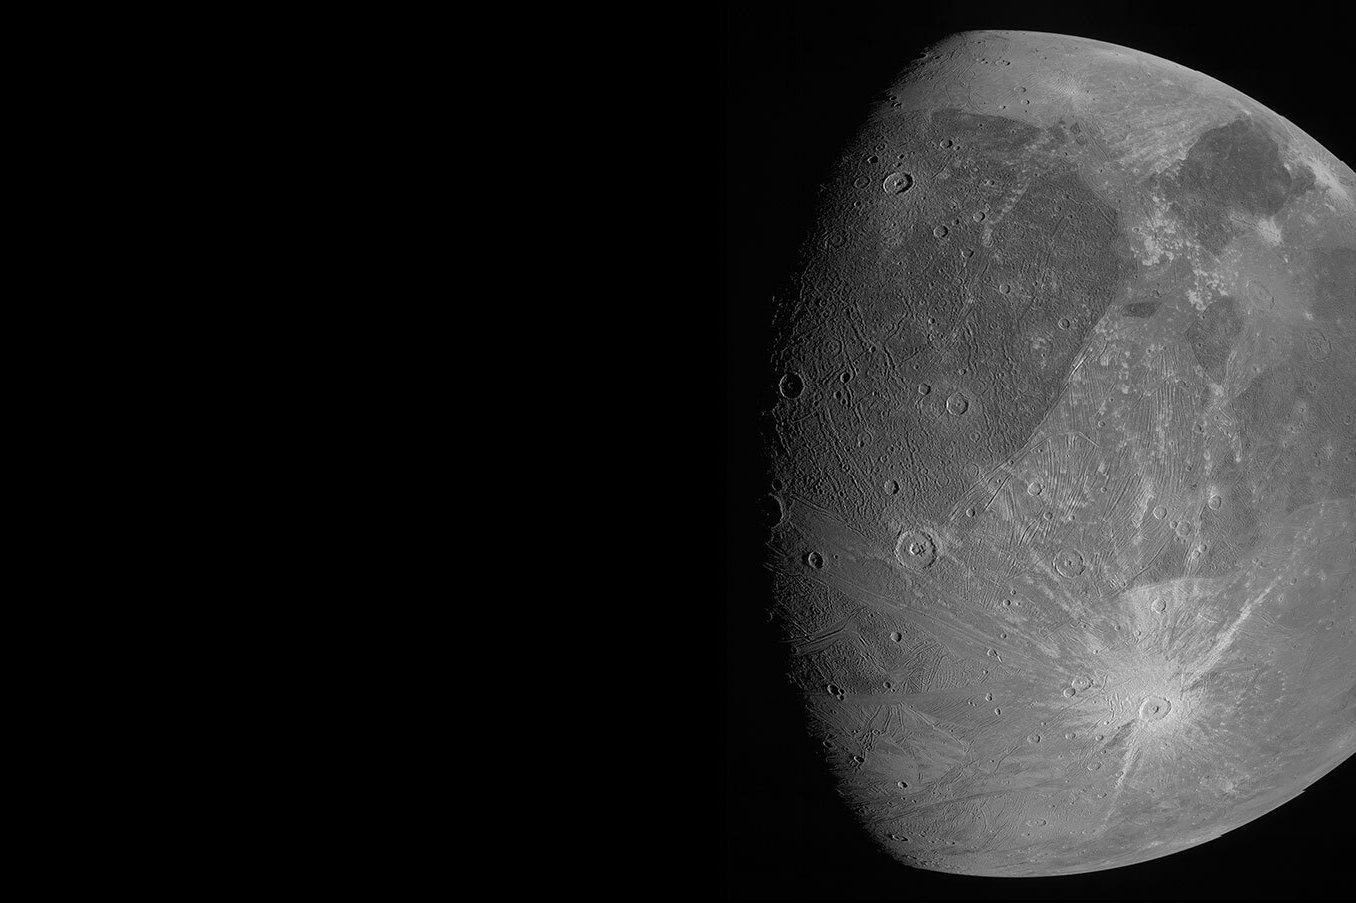 Kísérteties felvételeket közöltek a sötétből előbukkanó óriásholdról